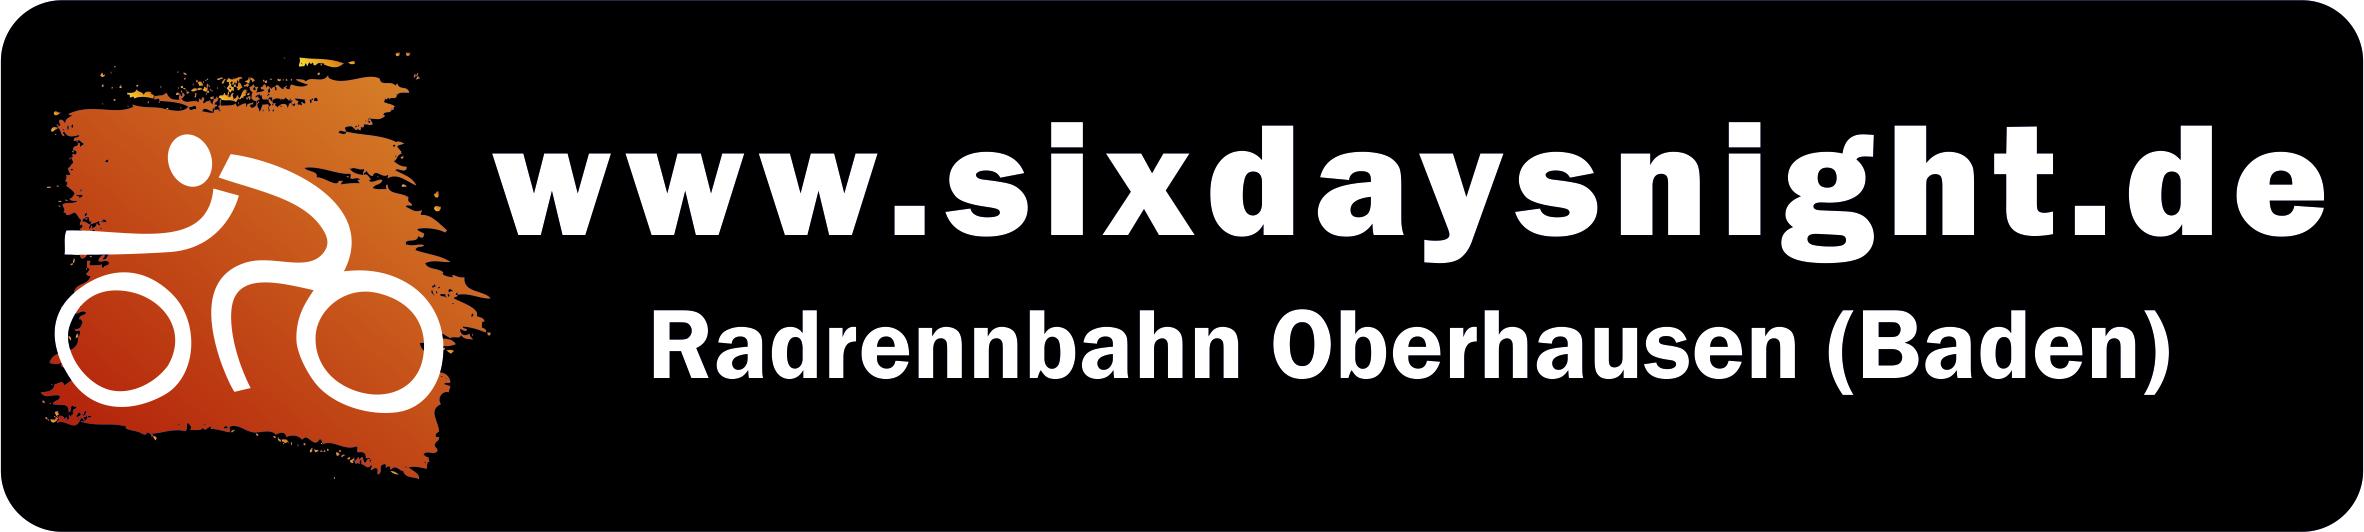 www.sixdaysnight.de/